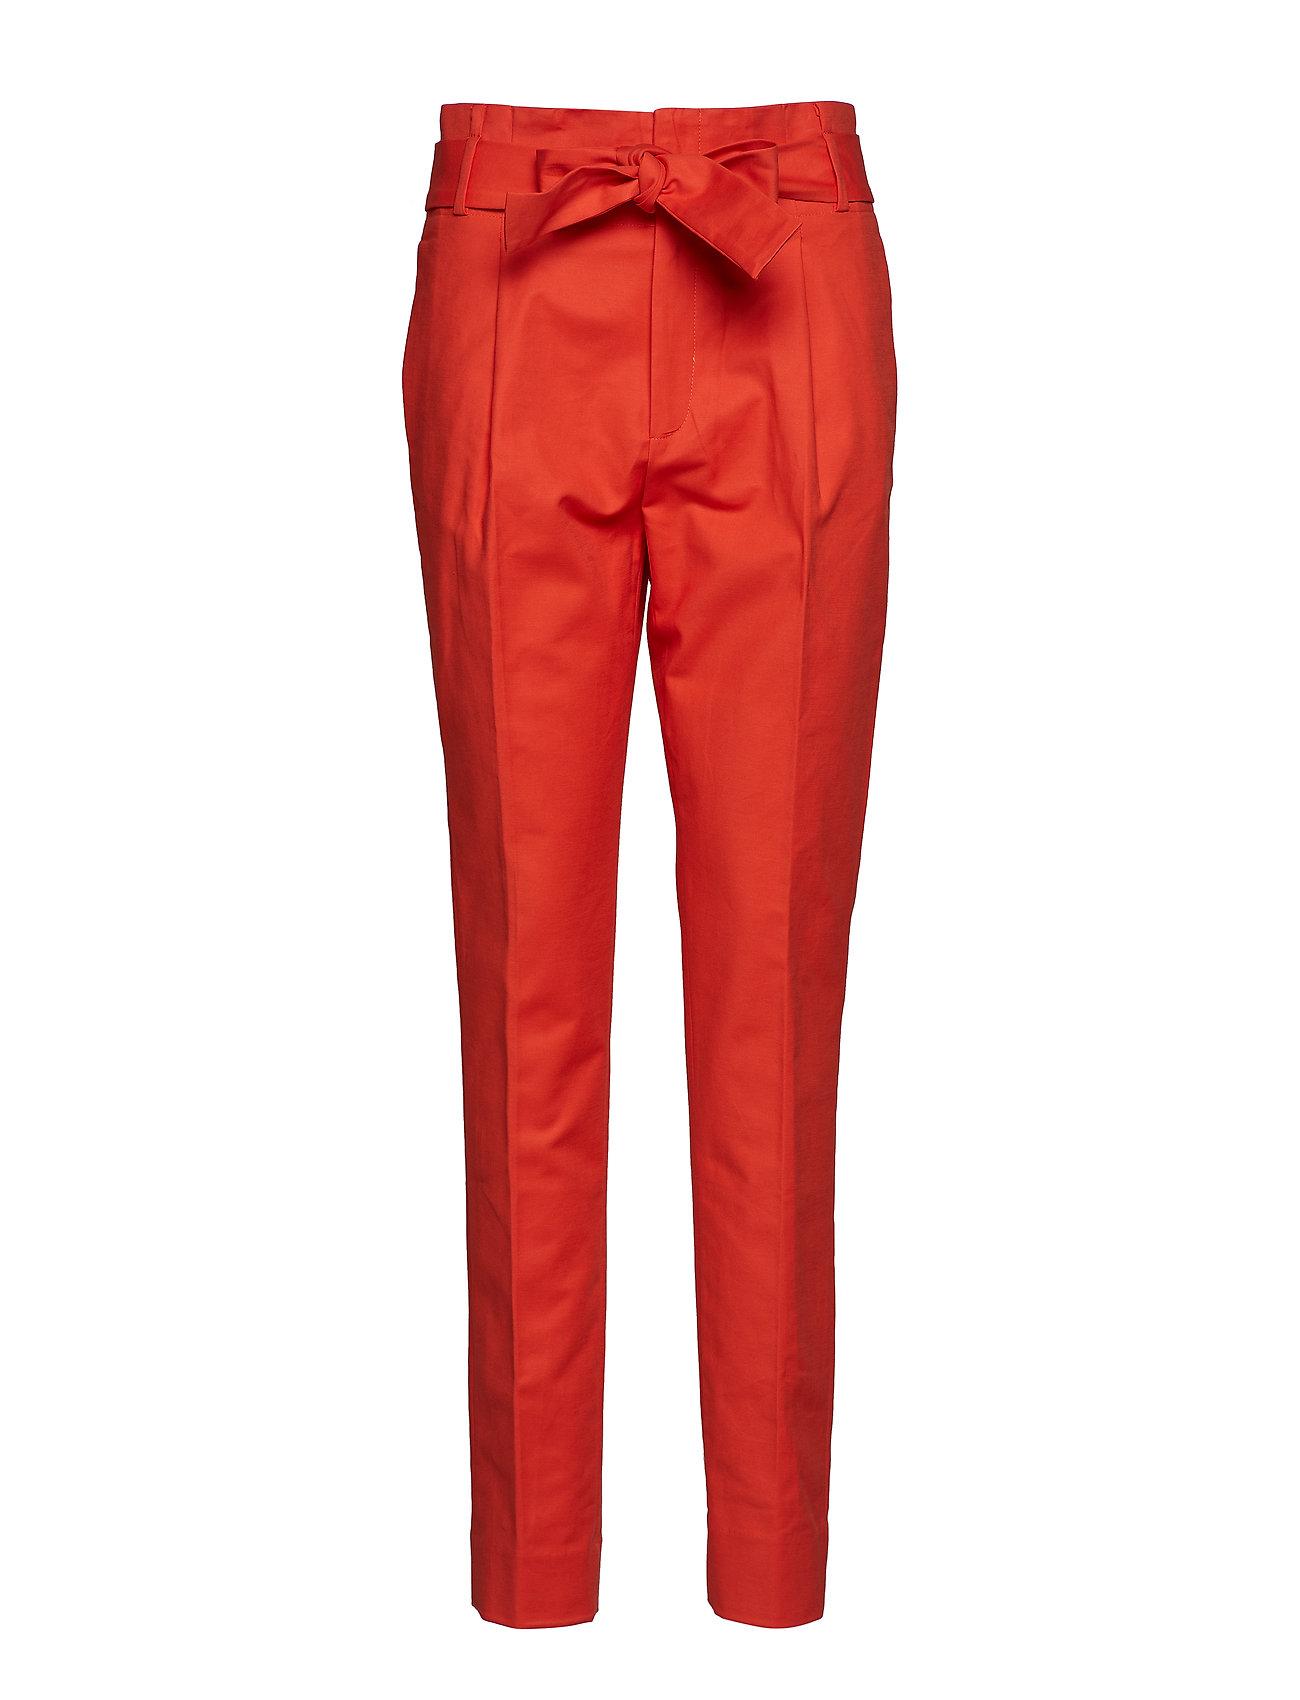 Image of Trousers Bukser Med Lige Ben Rød NOA NOA (3122437521)